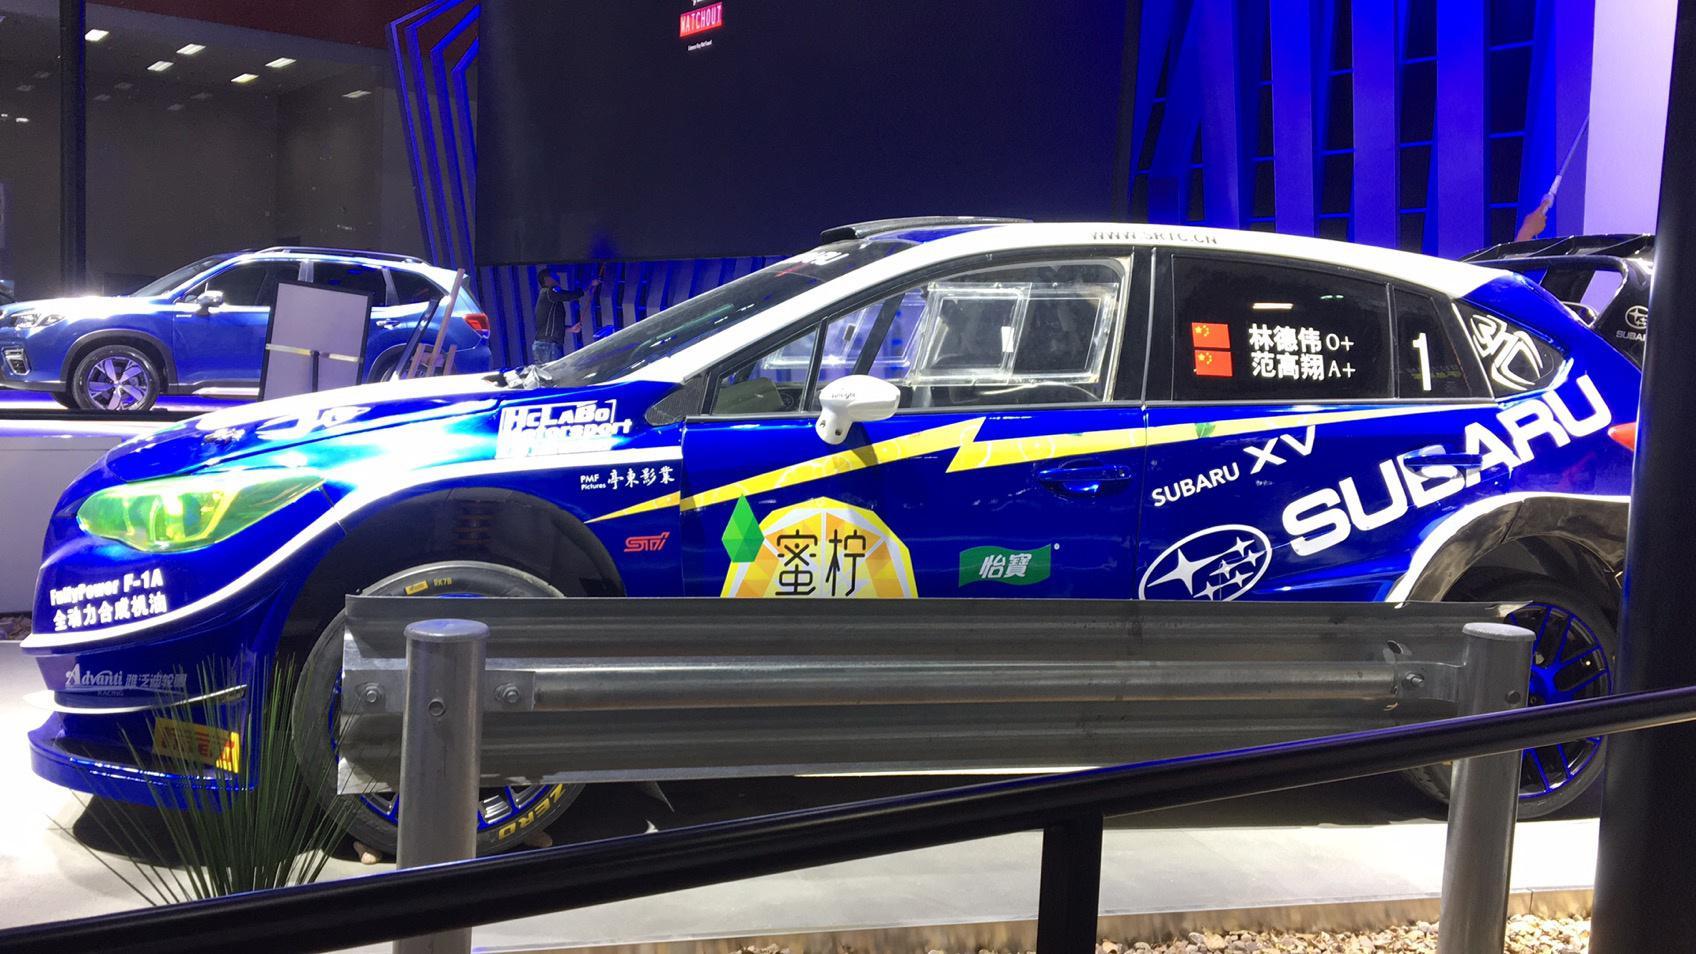 视频:2019广州车展 | 线条硬朗棱角分明 斯巴鲁XV